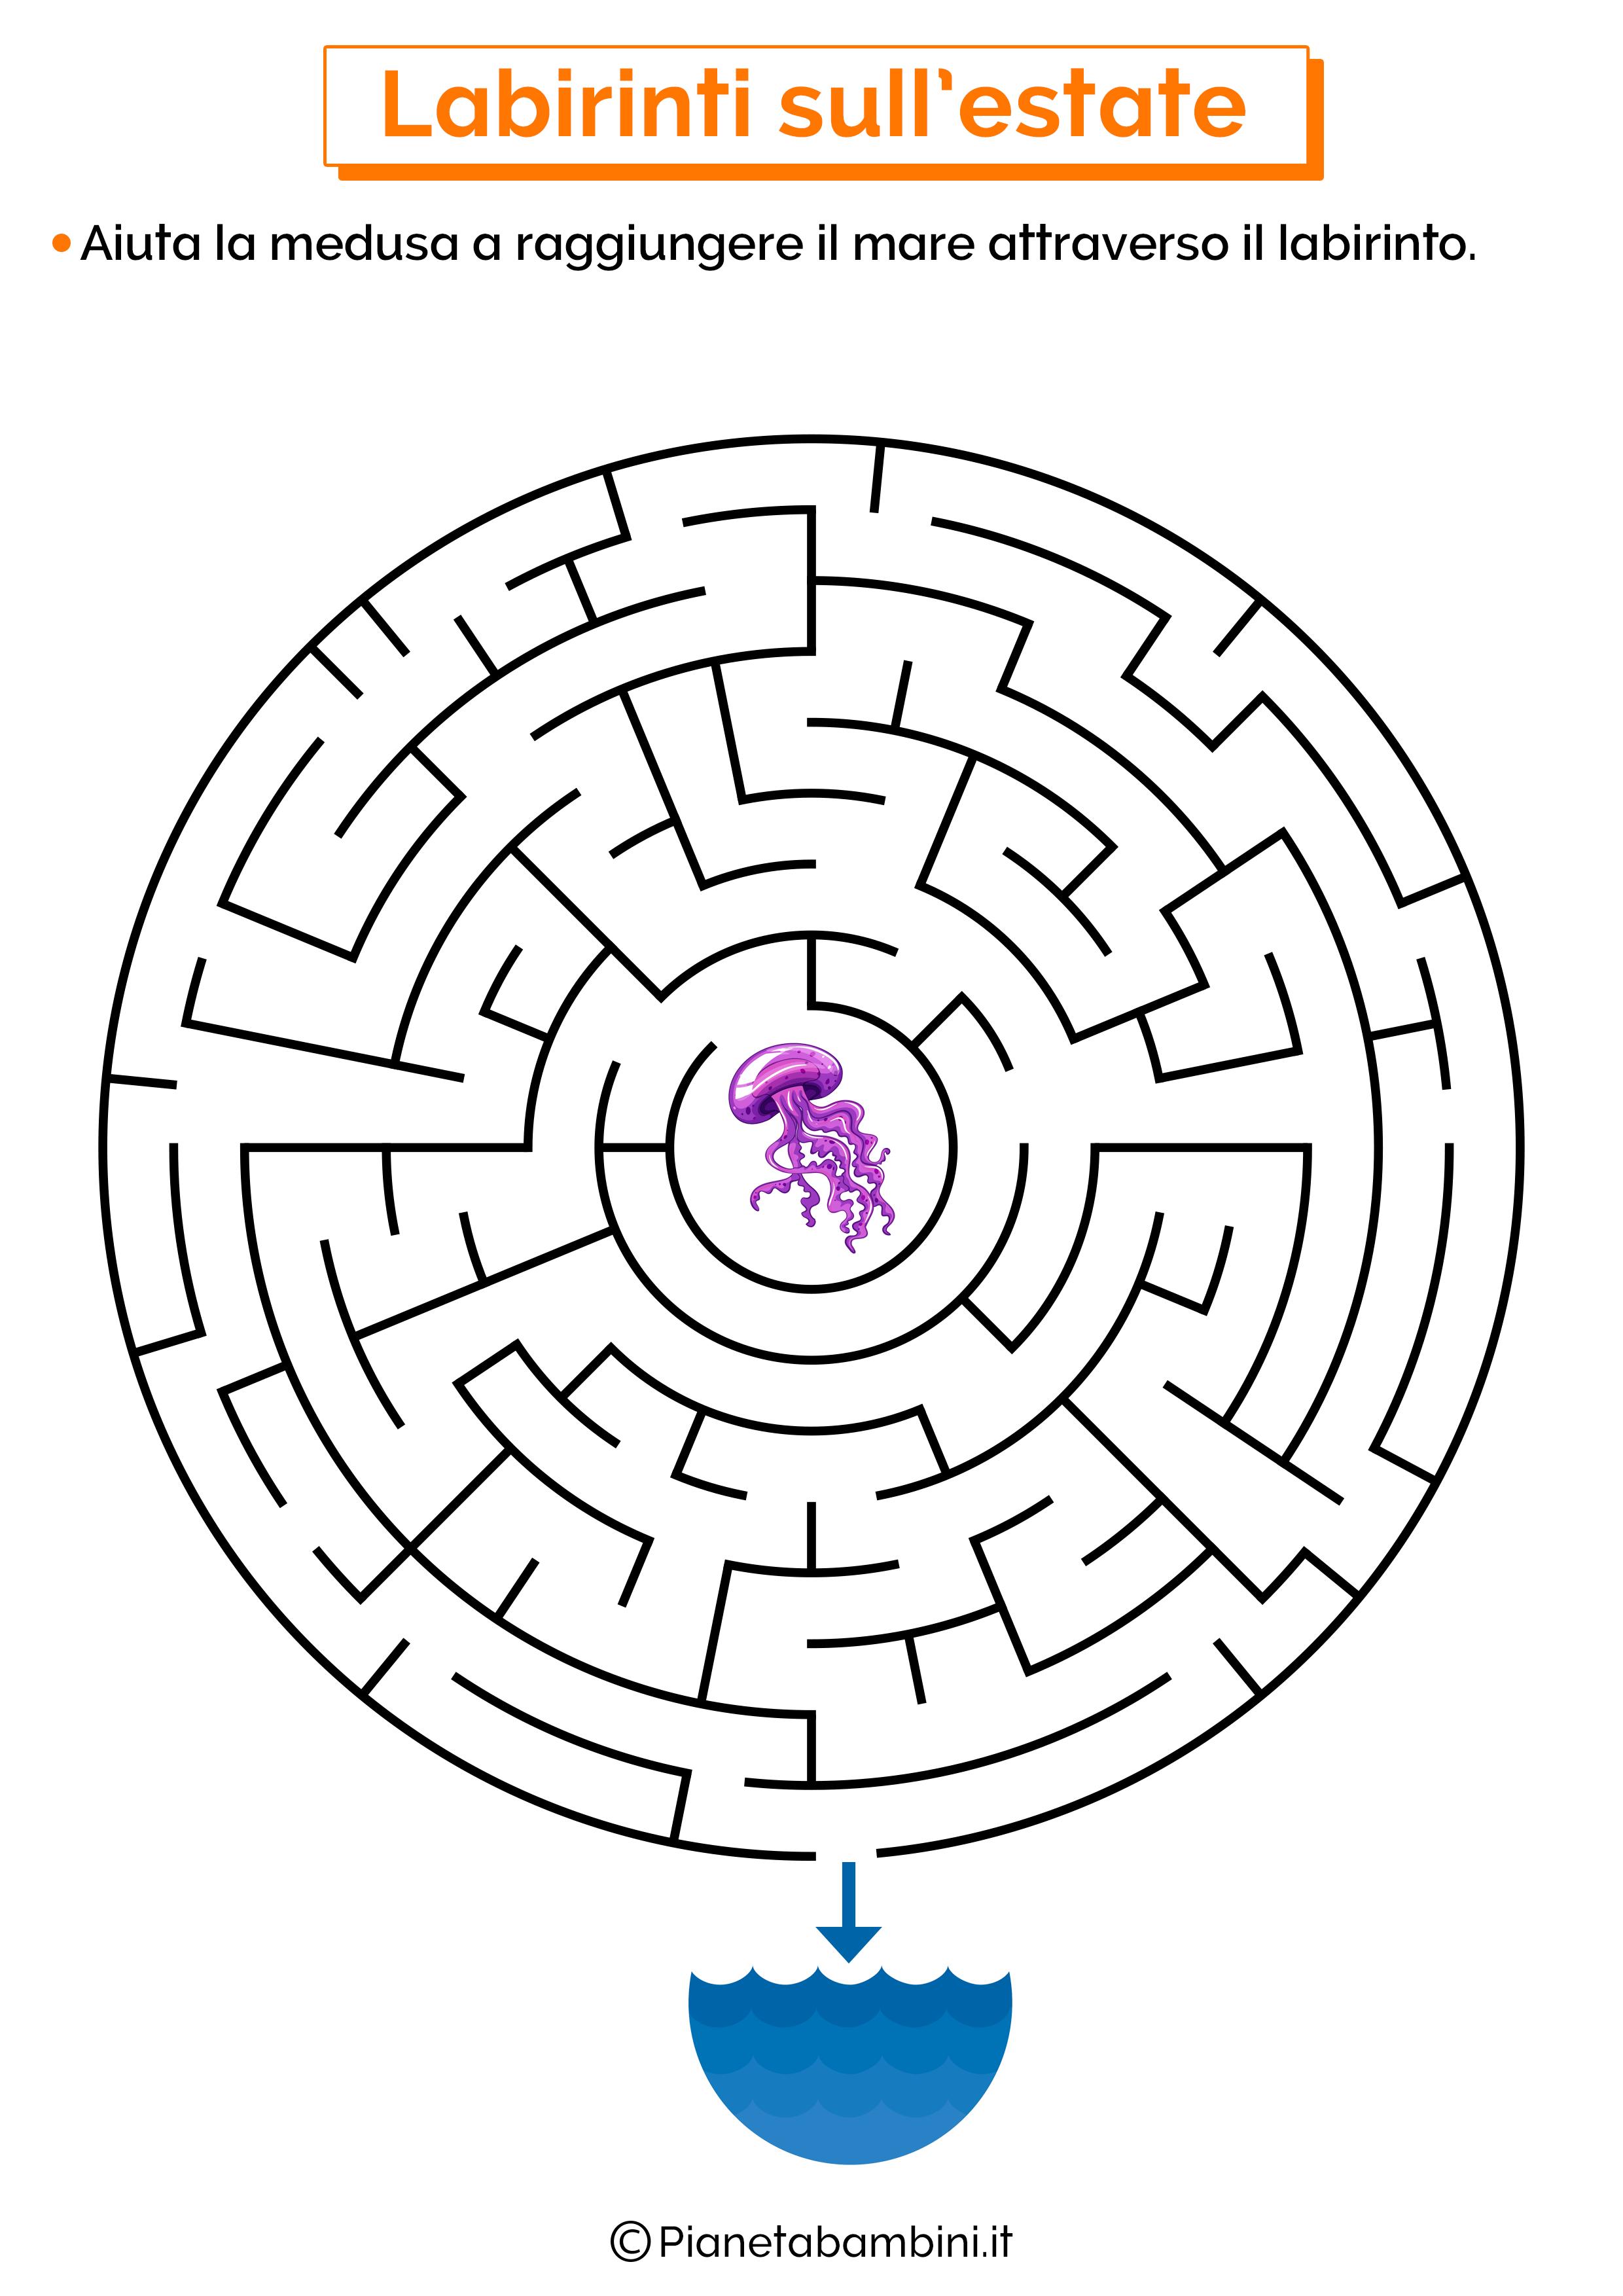 Labirinto sull'estate 13